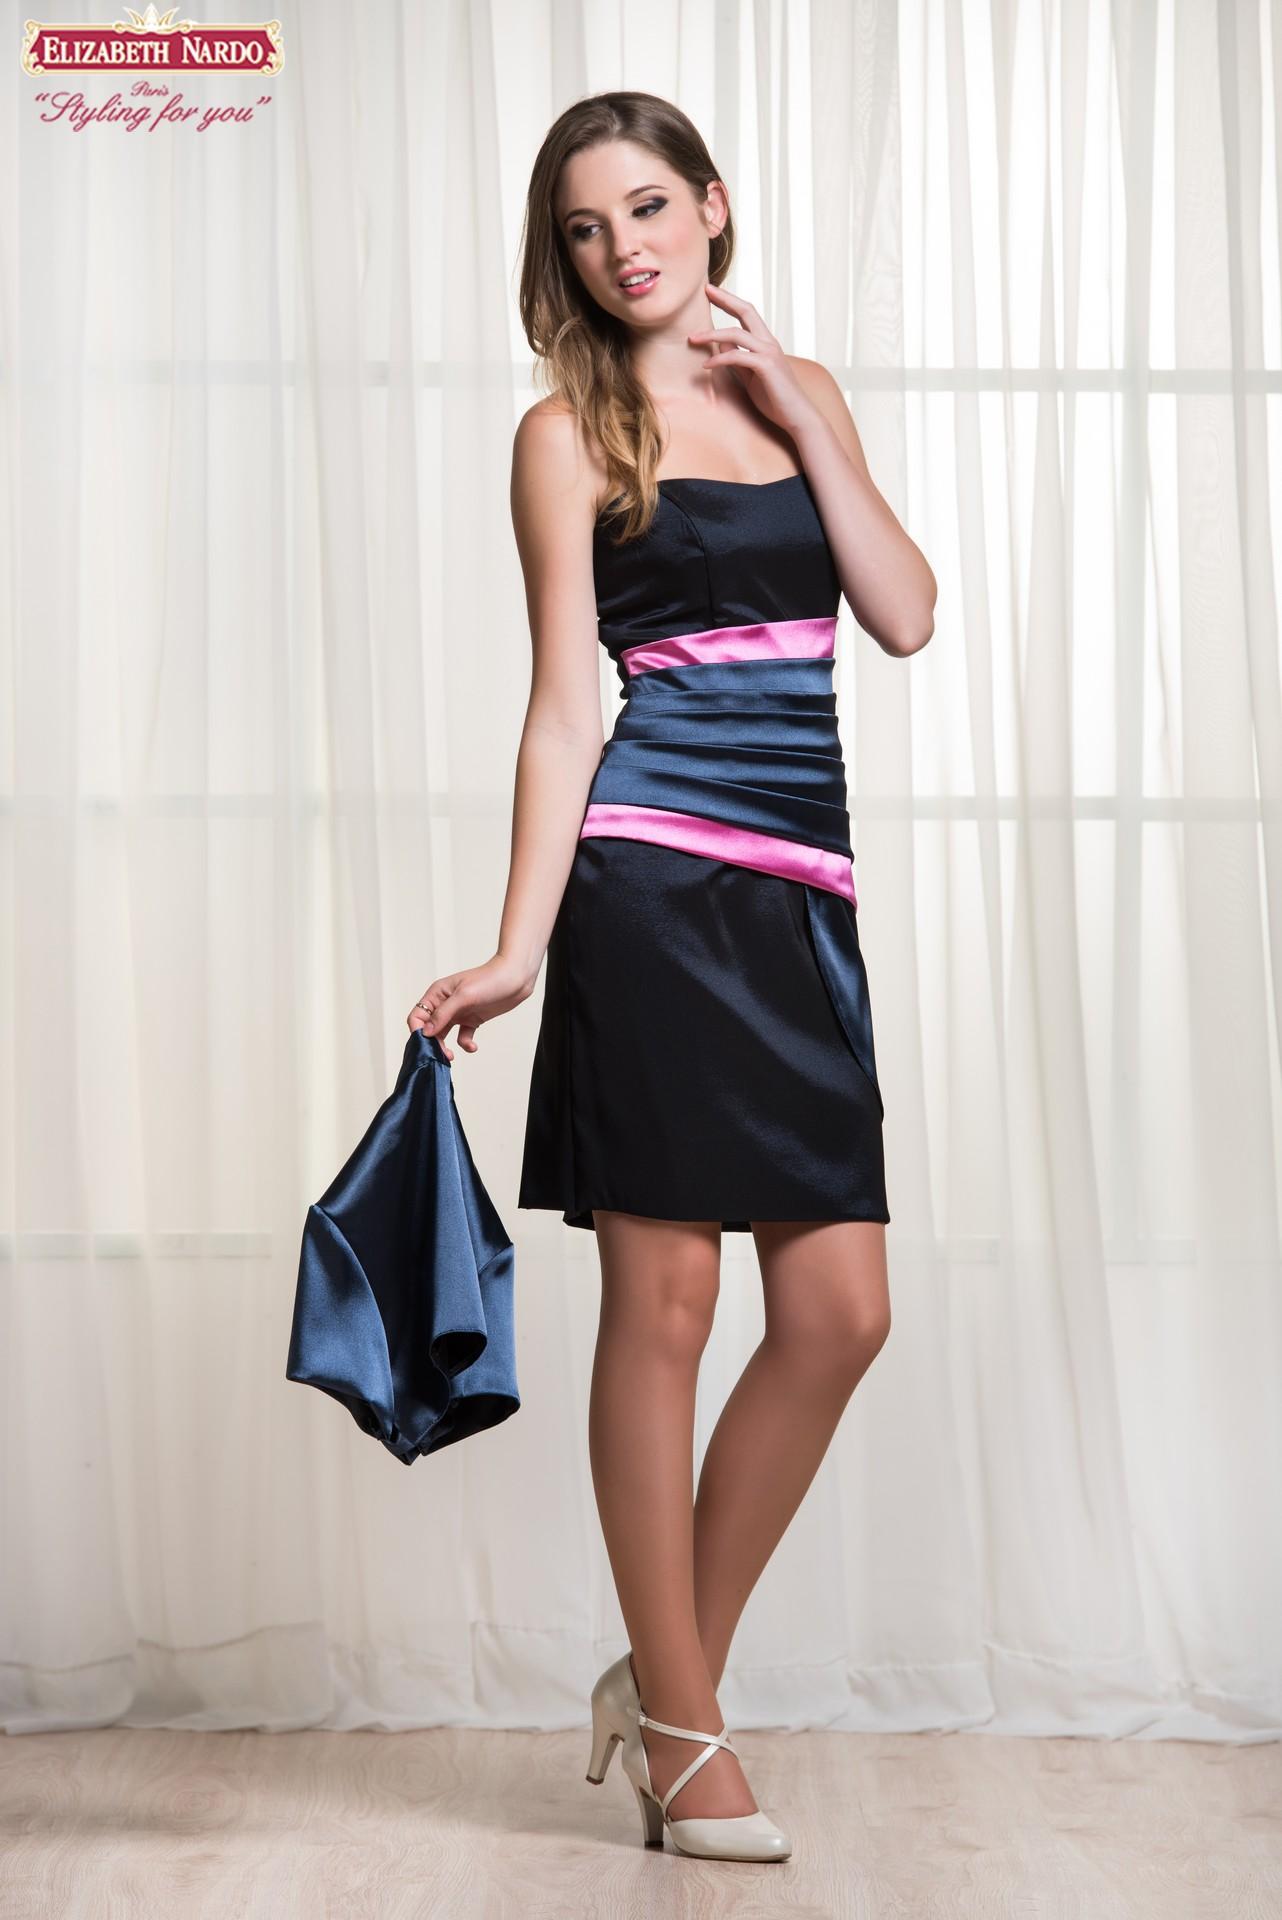 2209204b8d Koktélruhák - Örömanya ruha, Koktél ruha 17-406 - Menyasszonyi ruhák ...